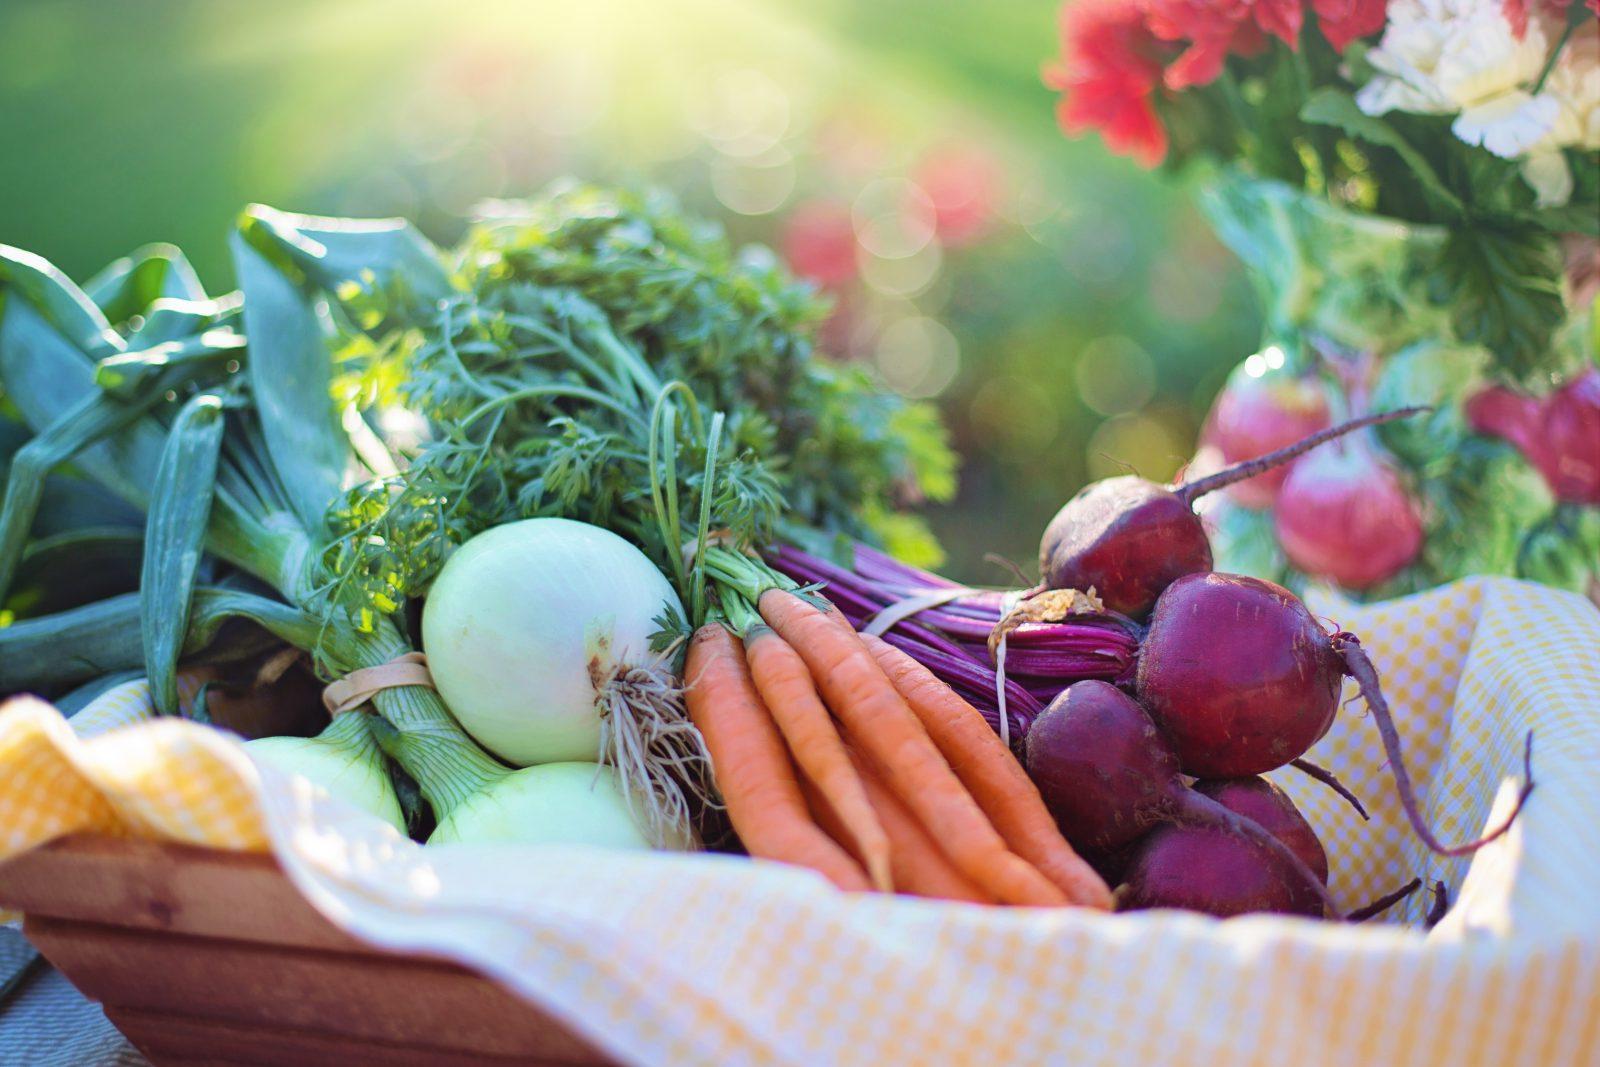 Vitamina para cachorro: tijela com alimentos frescos, vegetais e legumes.